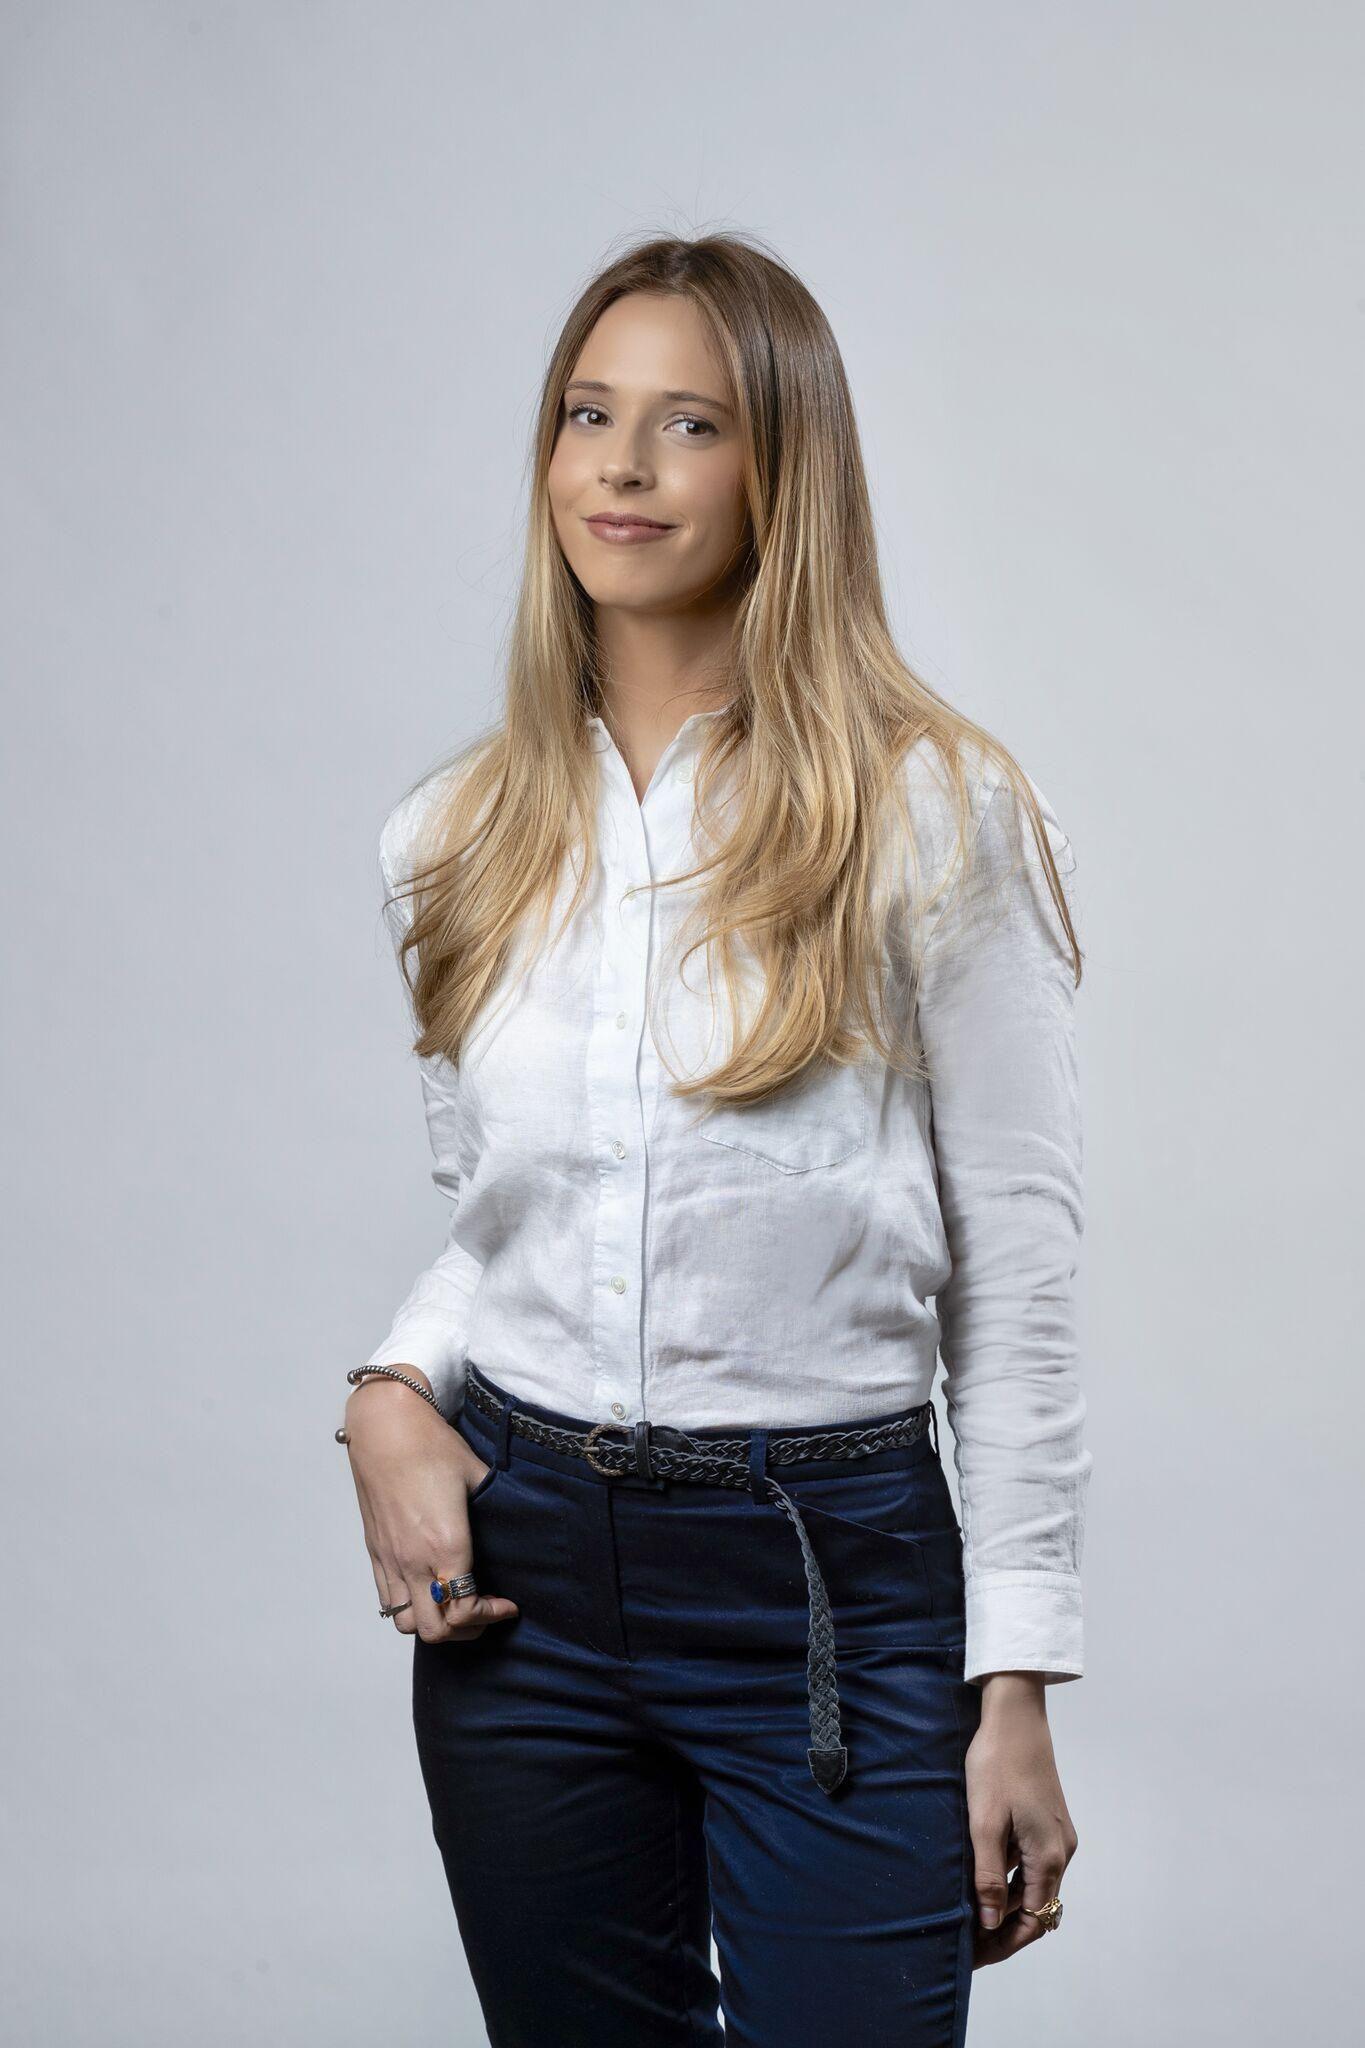 Natalie Pavlovic